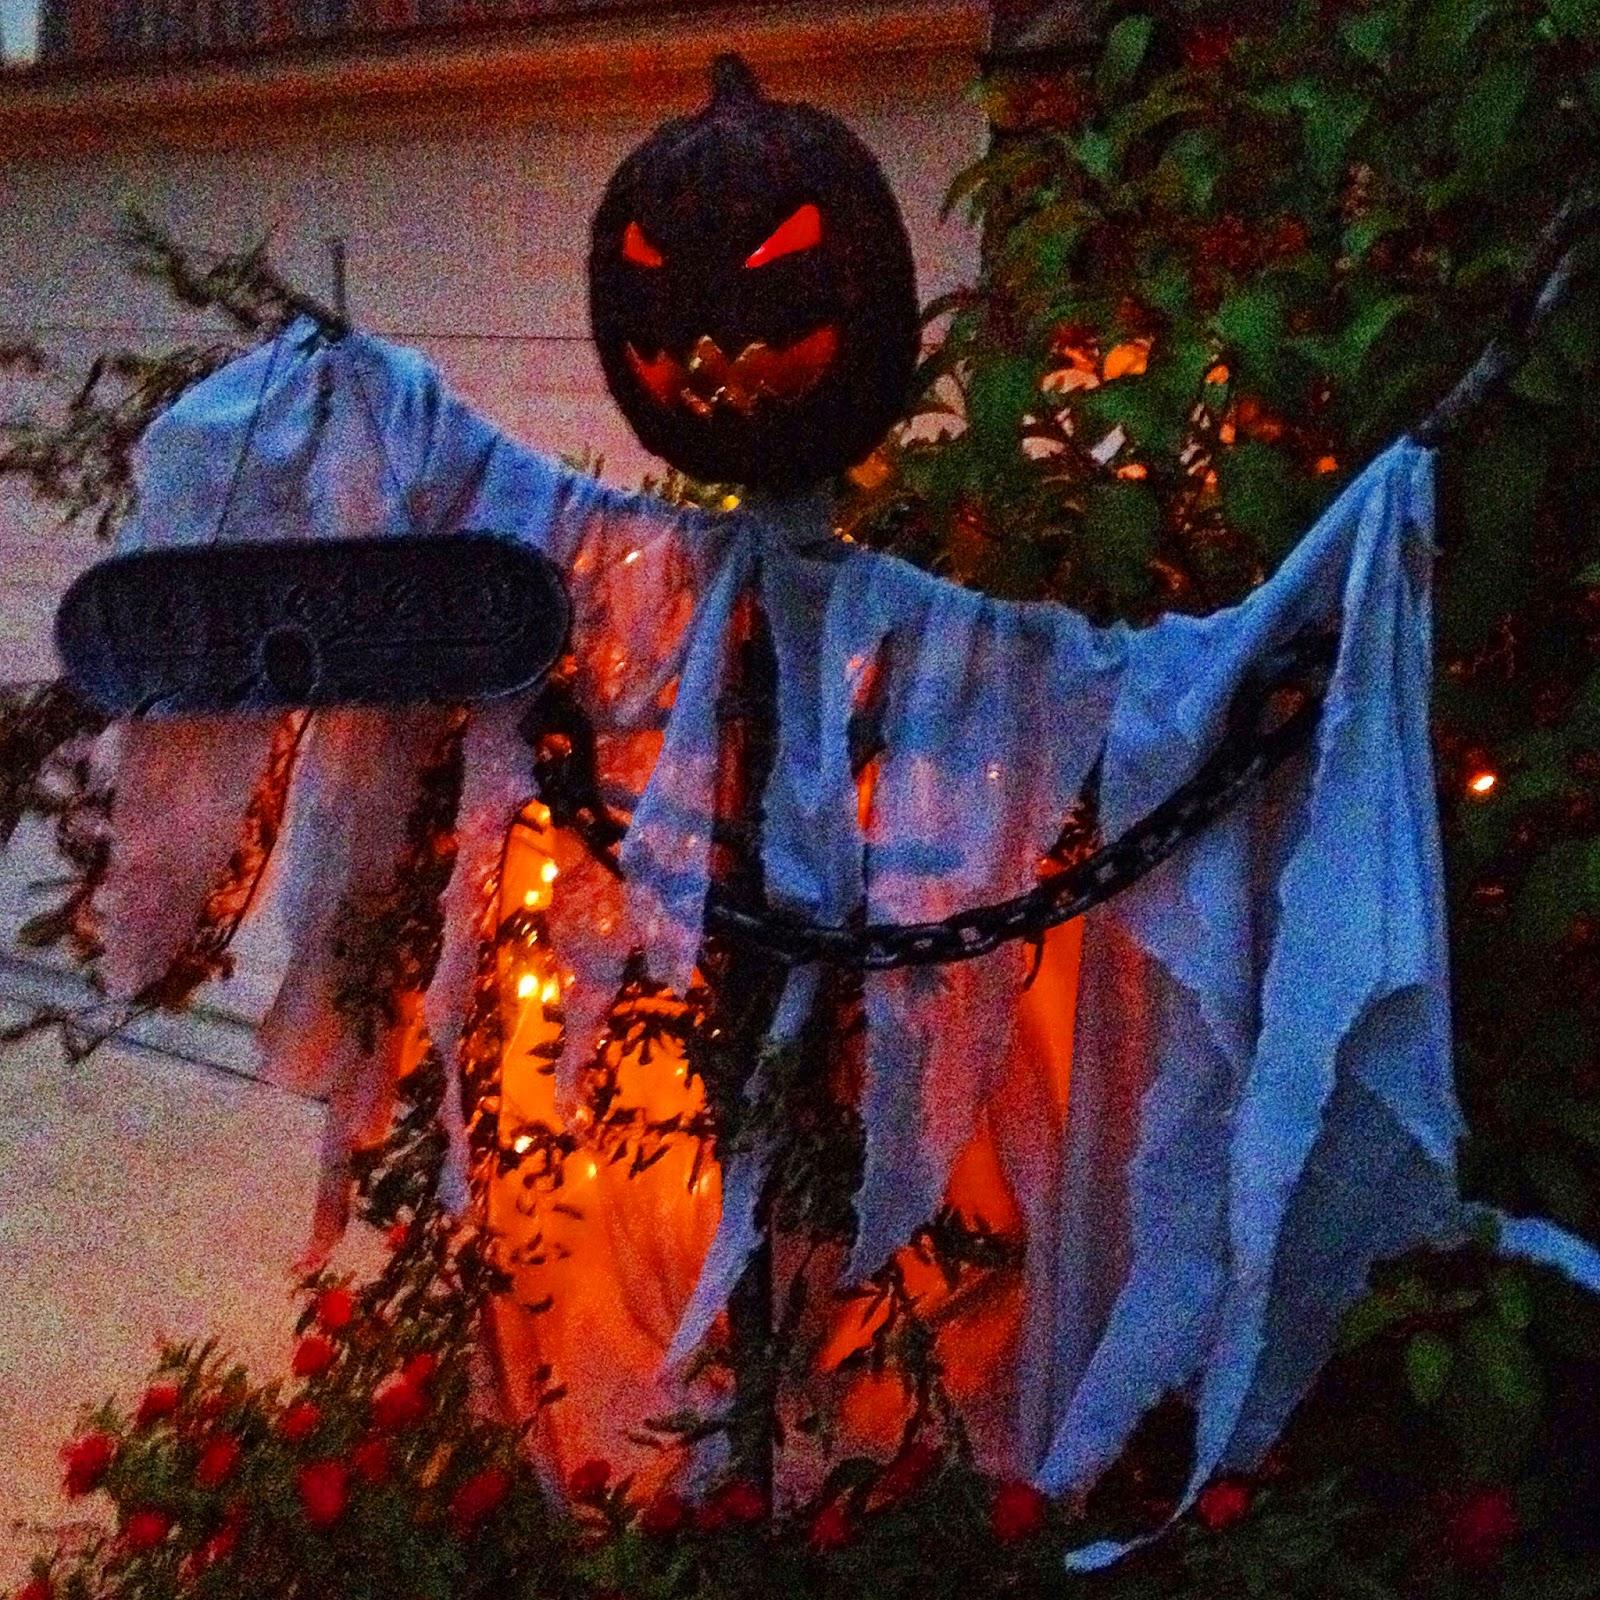 Crafty In Crosby: Creepy Pumpkin Scarecrow